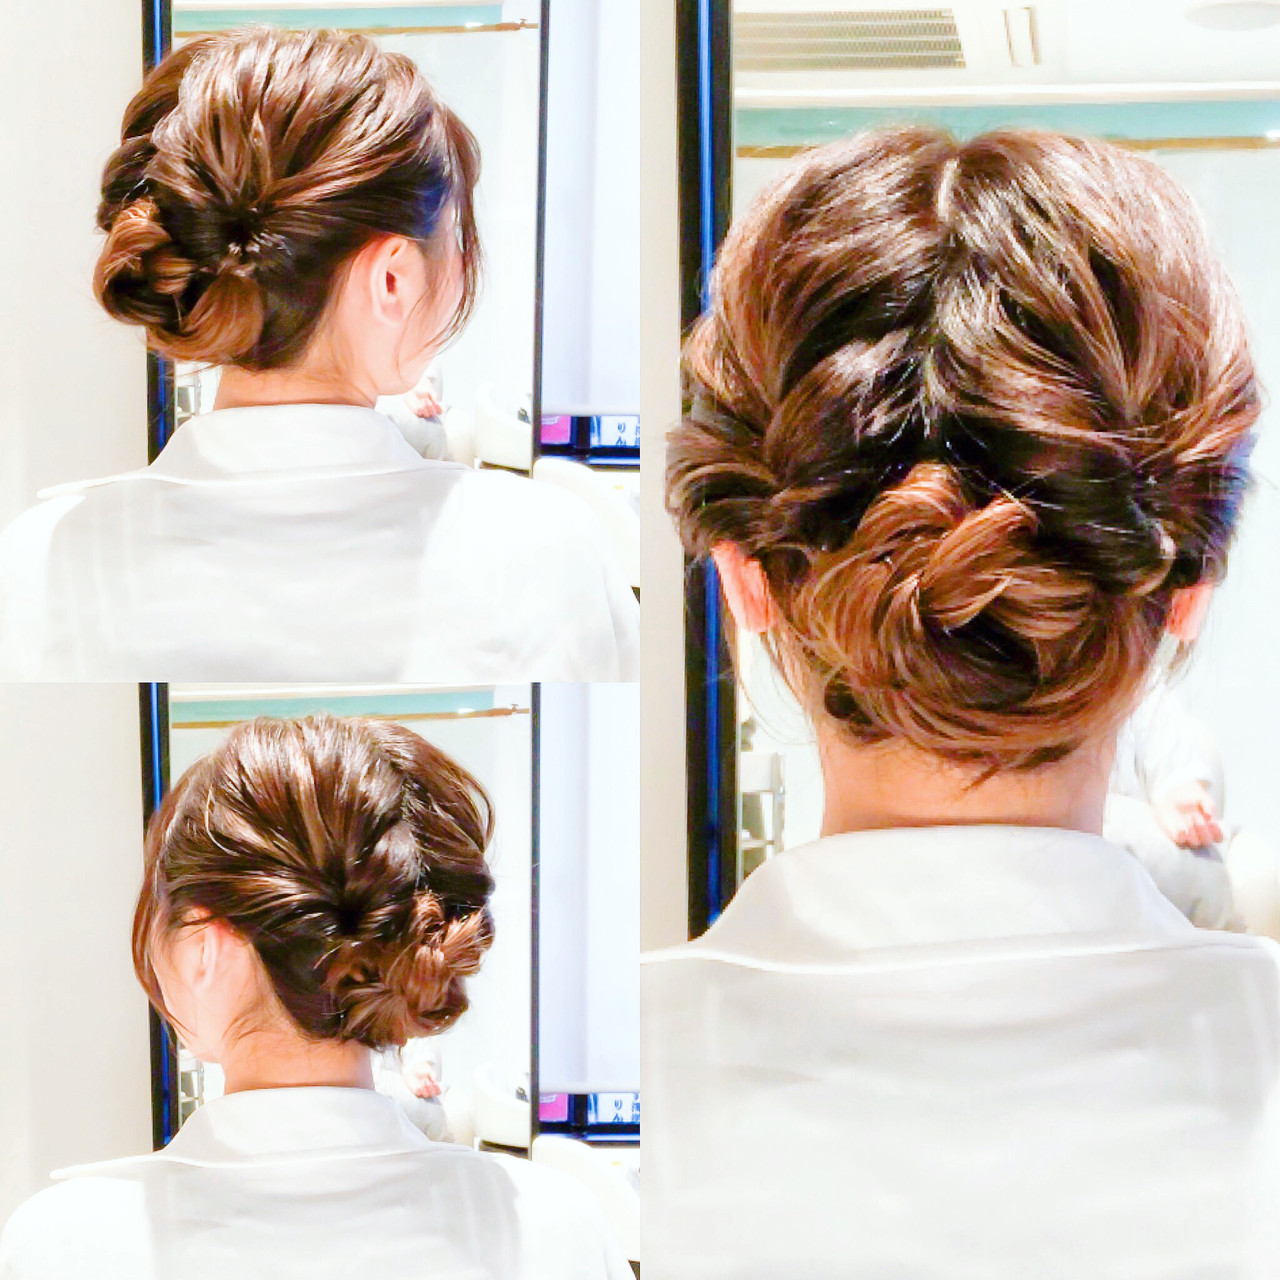 セルフには見えない❤️ お洒落風なヘアアレンジ? ☆ ☆やり方☆ 1.耳上までを左右に分けます‼️ 2.左右をそれぞれ結びくるりんぱします‼️ 3.残りの髪を左右に分けます‼️ 4.そのままロープねじりします‼️ 5.毛先を丸めてピン留めしたら完成です‼️